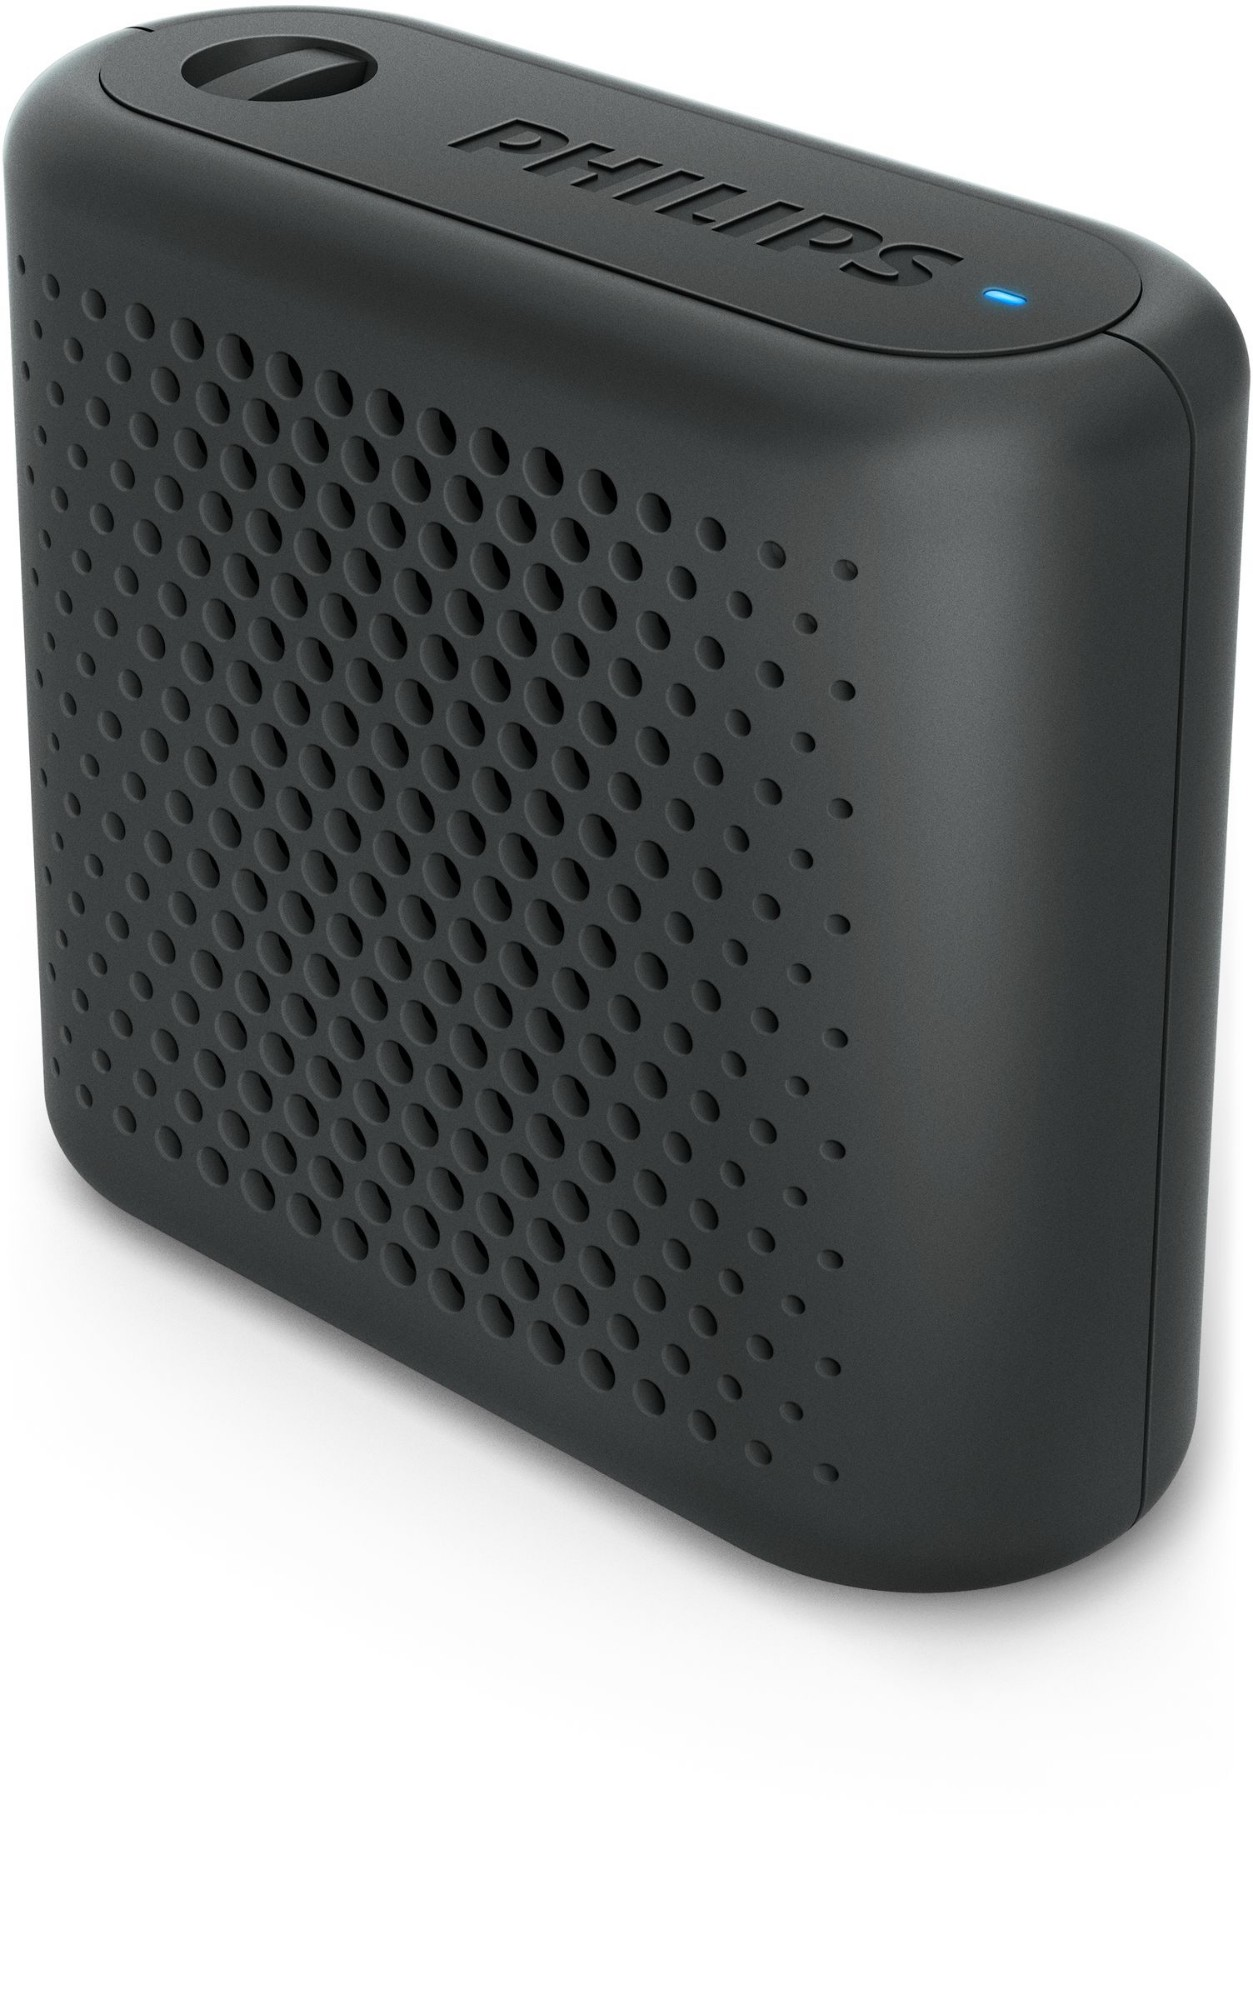 Philips BT55B/00 portable speaker 2 W Mono portable speaker Black